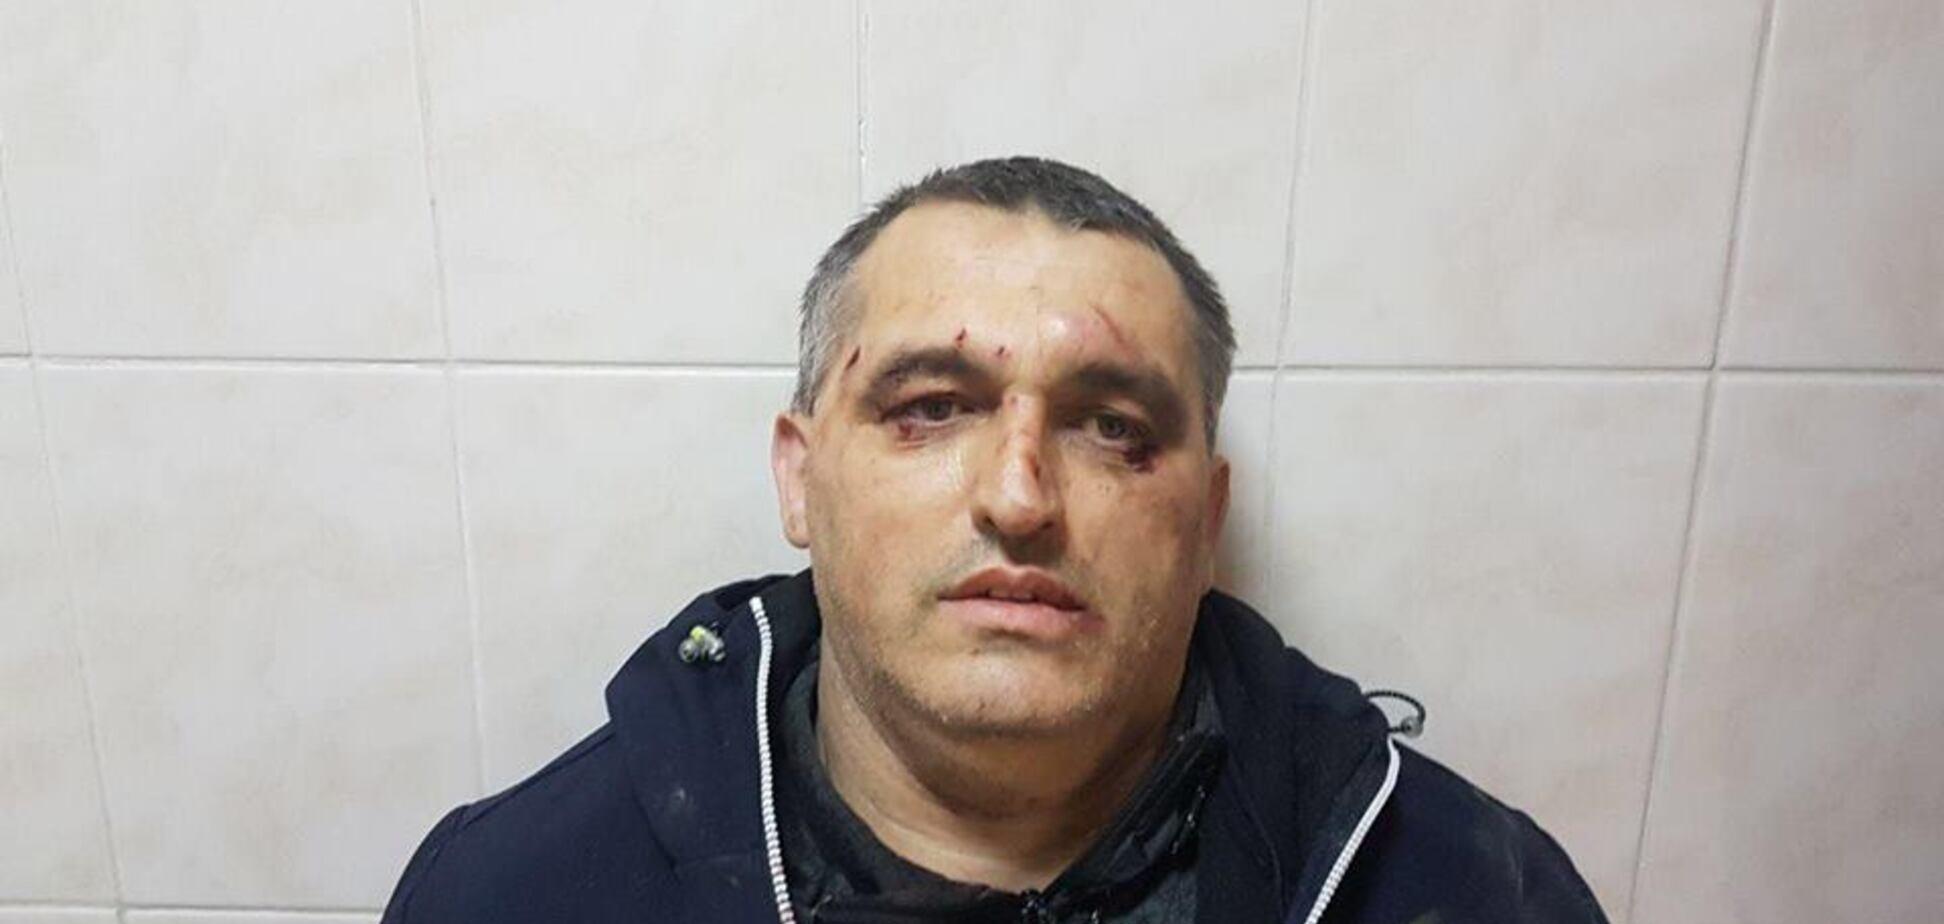 Перейшов дорогу 'шишкам': в Чернівцях побили громадського активіста